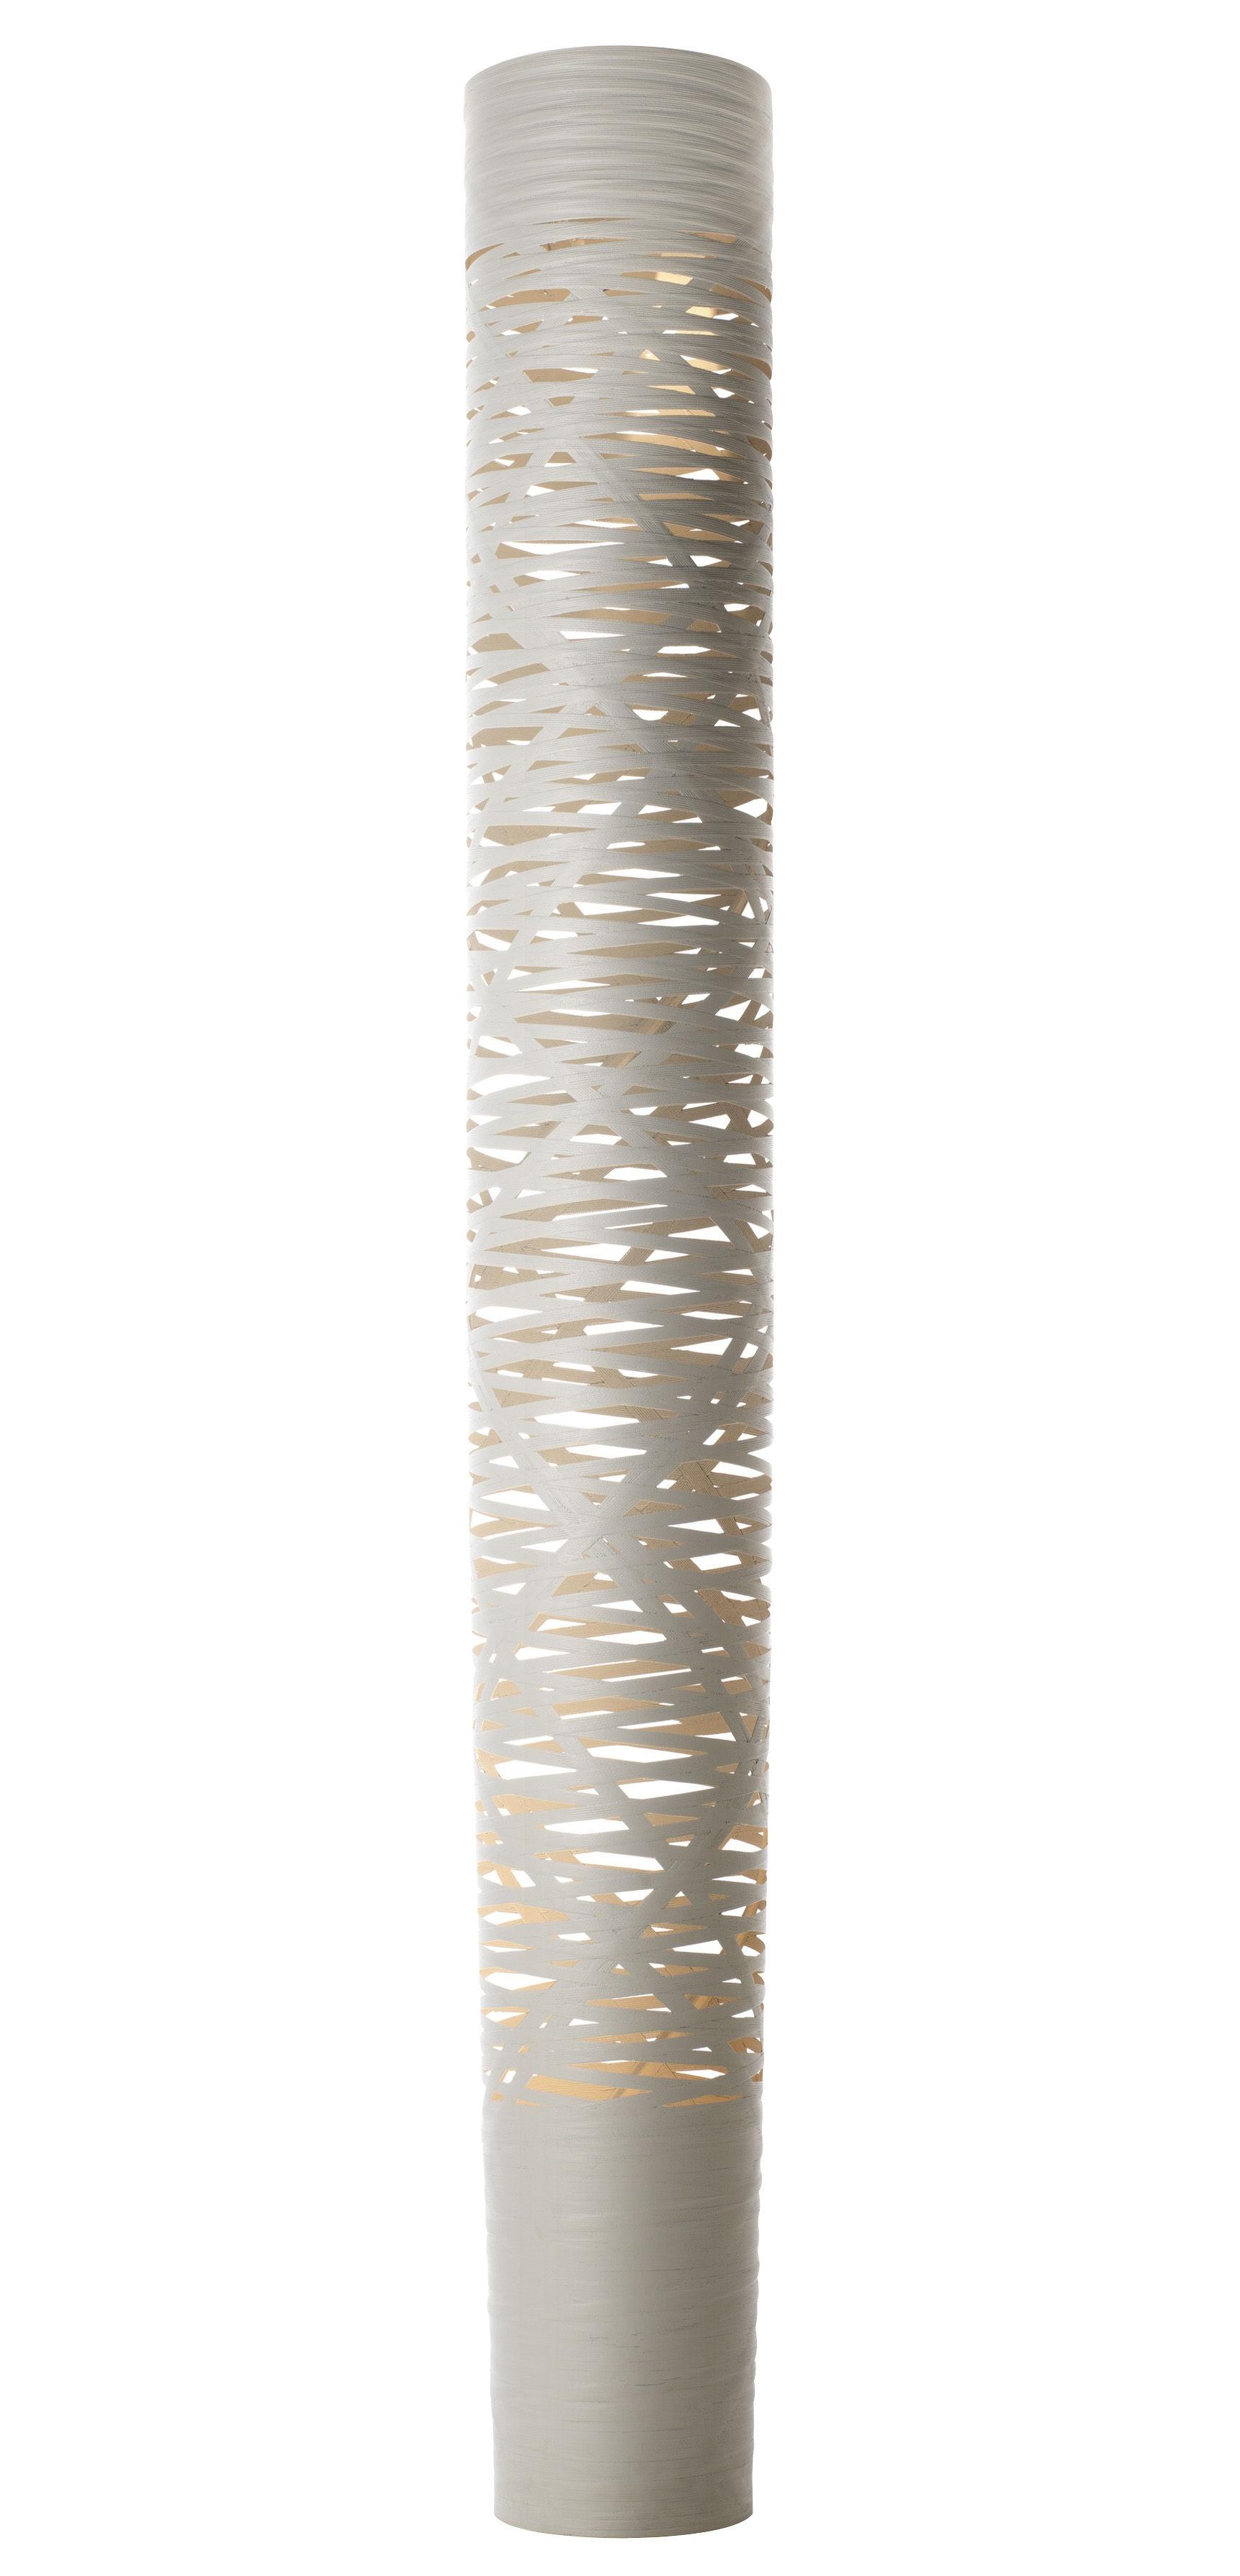 Leuchten - Stehleuchten - Tress Stehleuchte 195 cm - Foscarini - Weiß - Glasfaser, Verbund-Werkstoffe